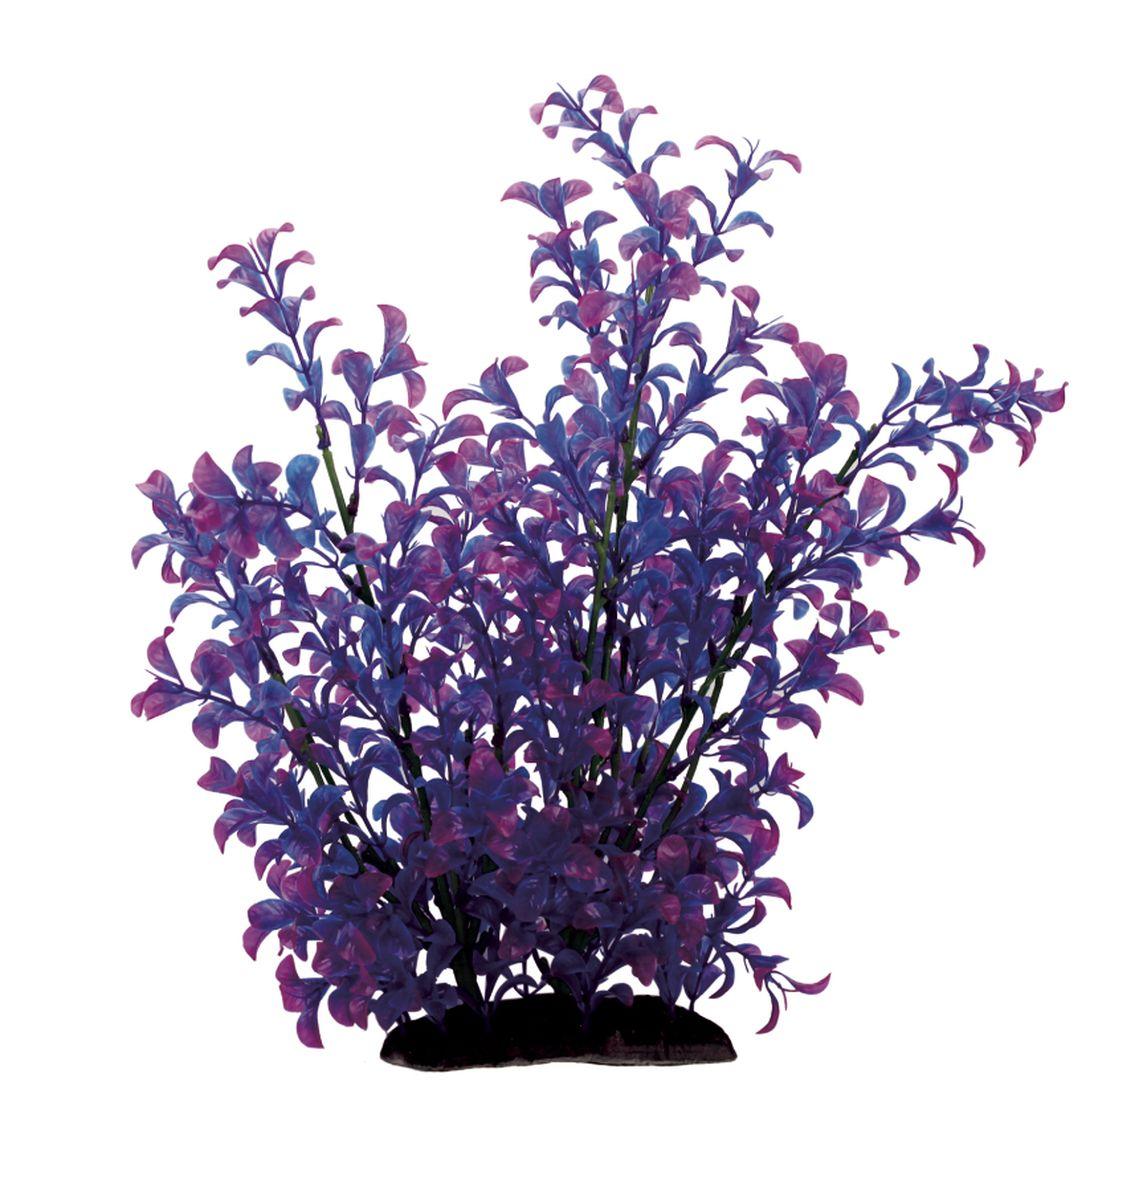 Растение для аквариума ArtUniq Людвигия фиолетовая, высота 35 смART-1130110Растение для аквариума ArtUniq Людвигия фиолетовая, высота 35 см